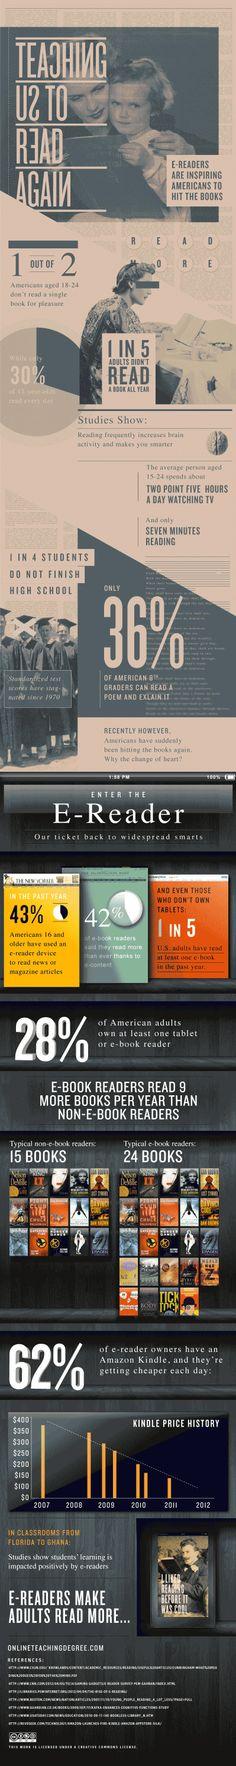 Gli e-book fanno leggere di più? Secondo questa infografica sì!